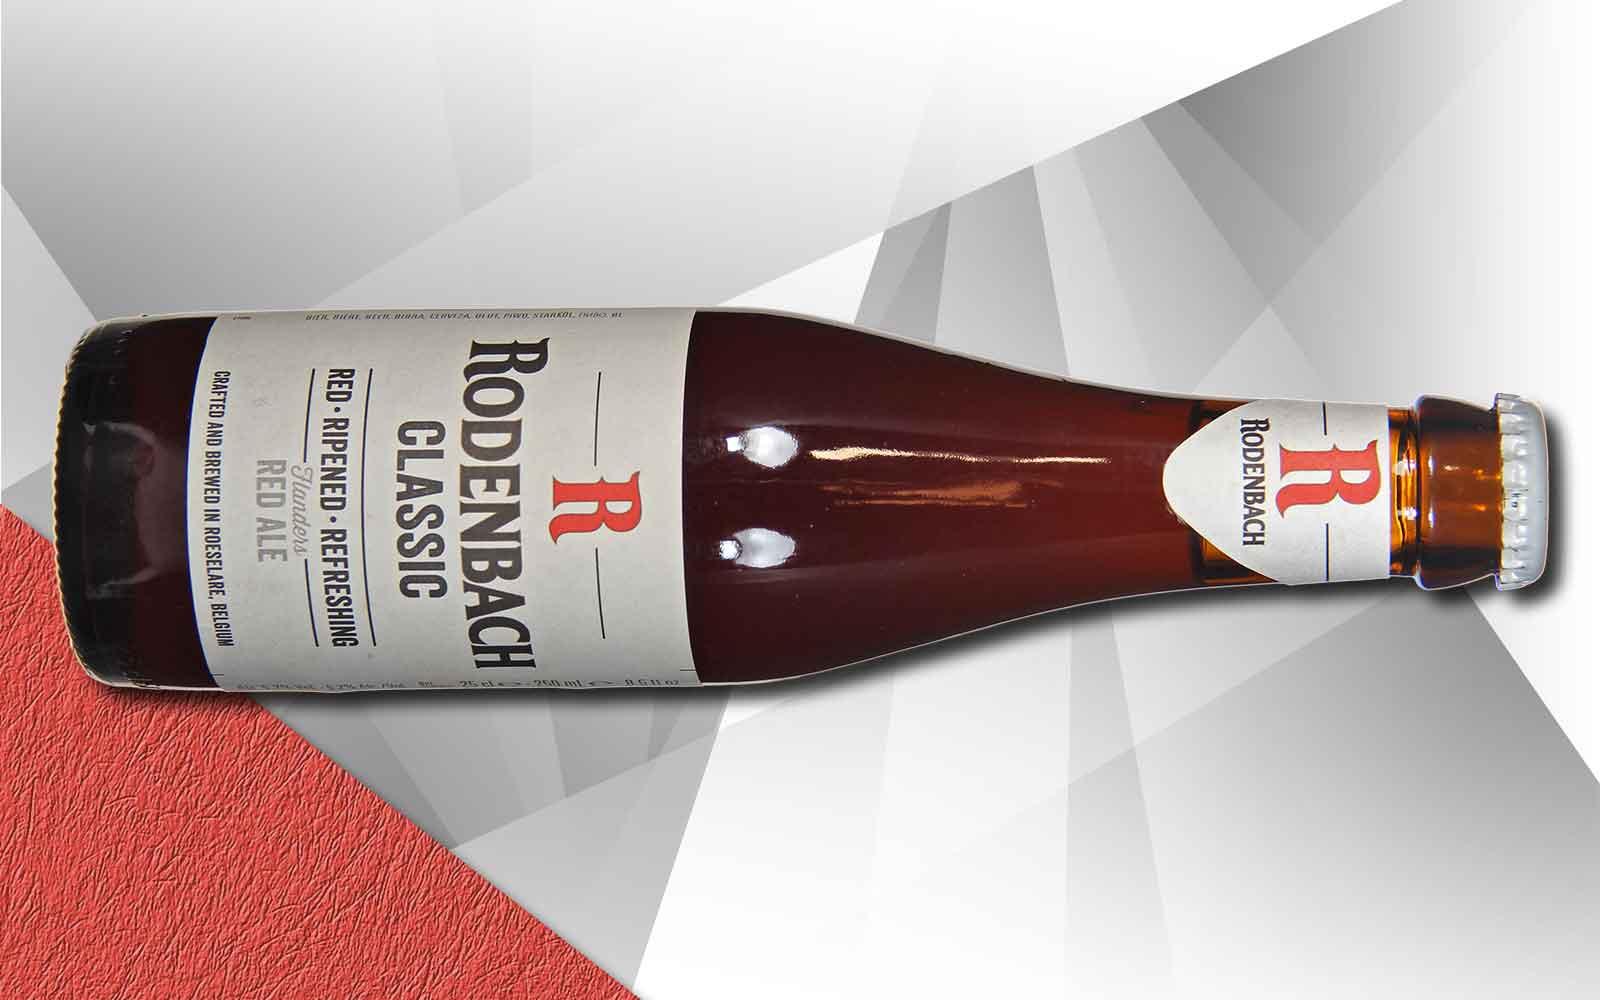 Klassisch Rotes aus Flandern von Rodenbach